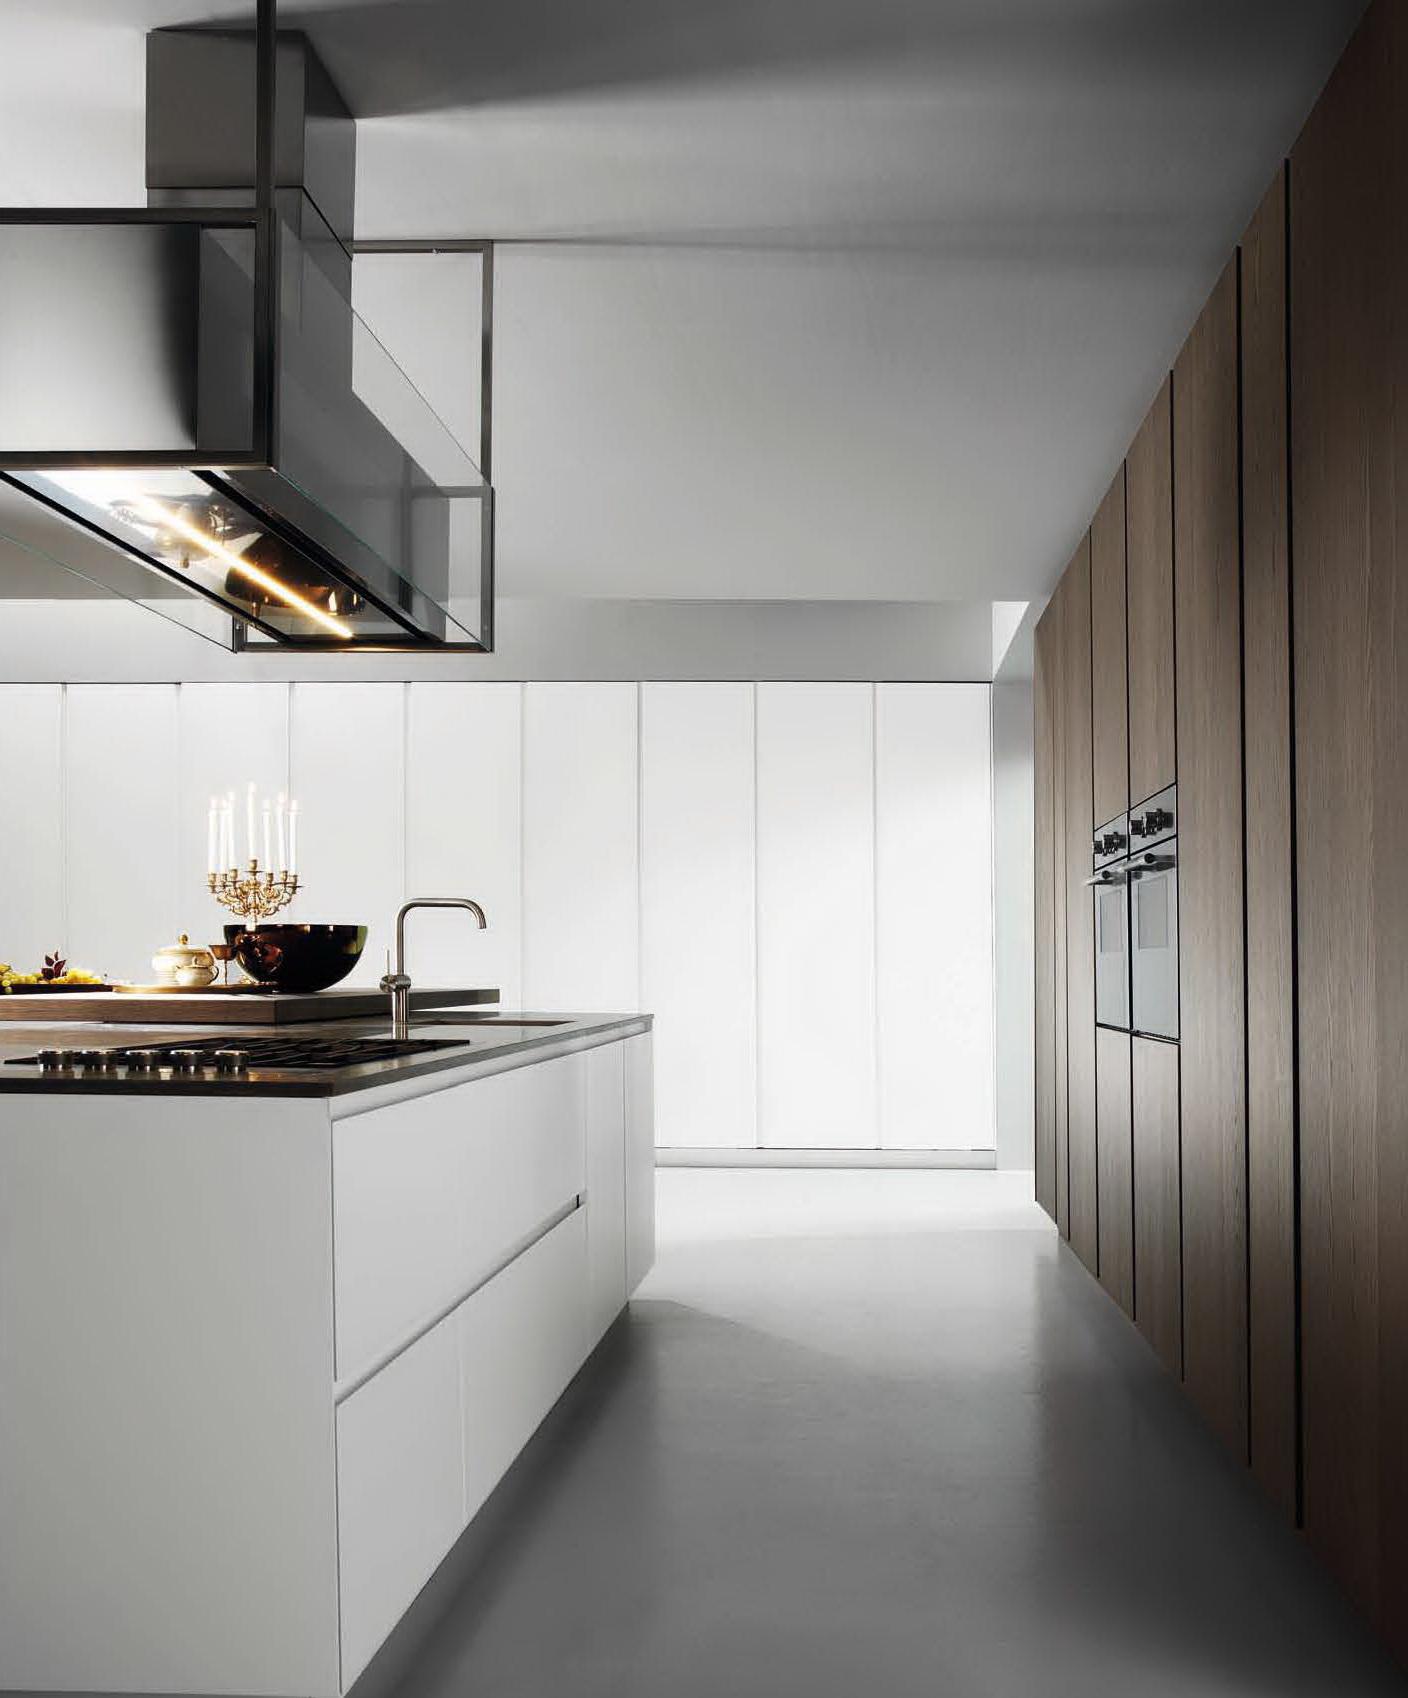 Modulnova cucine di lusso dall 39 aspetto innovativo e - Cucine di lusso tedesche ...